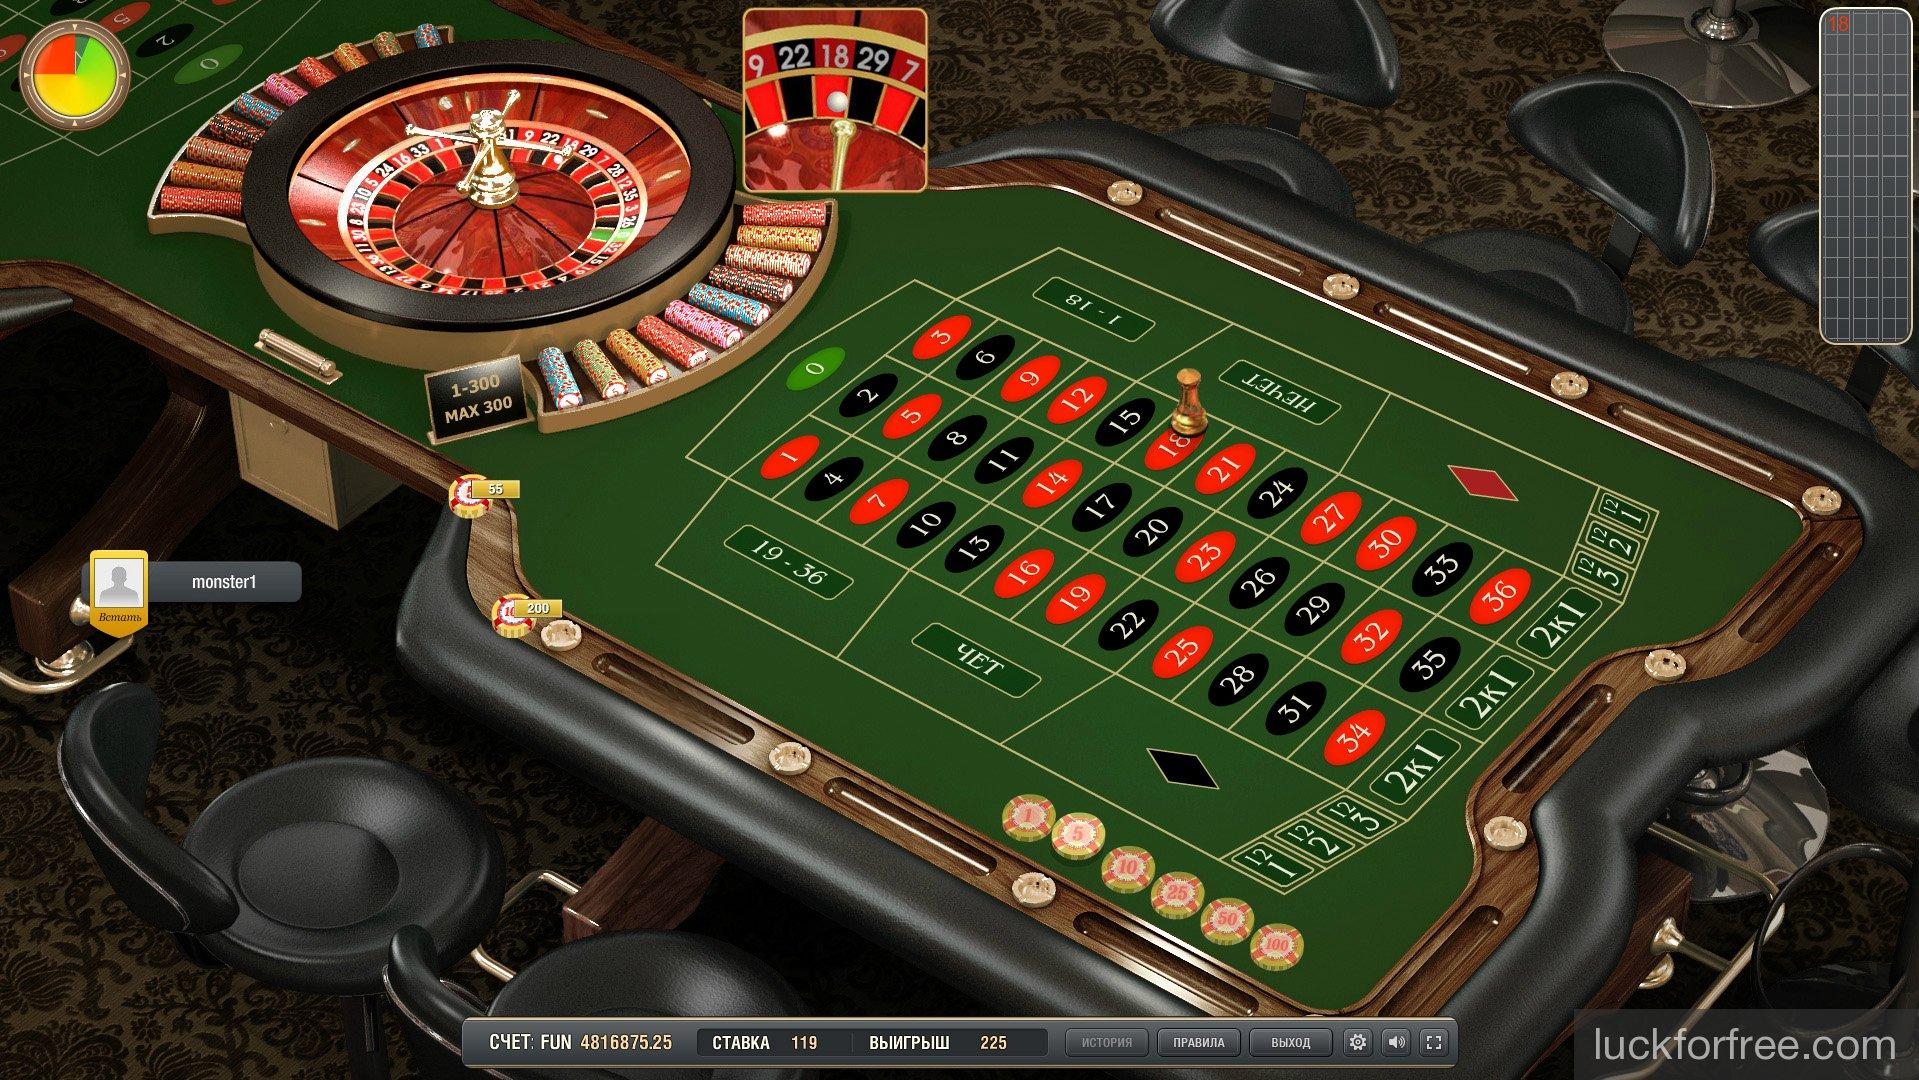 Бездепозитный бонус казино играть скачать игровые автоматы бесплатно без регистрации на телефон